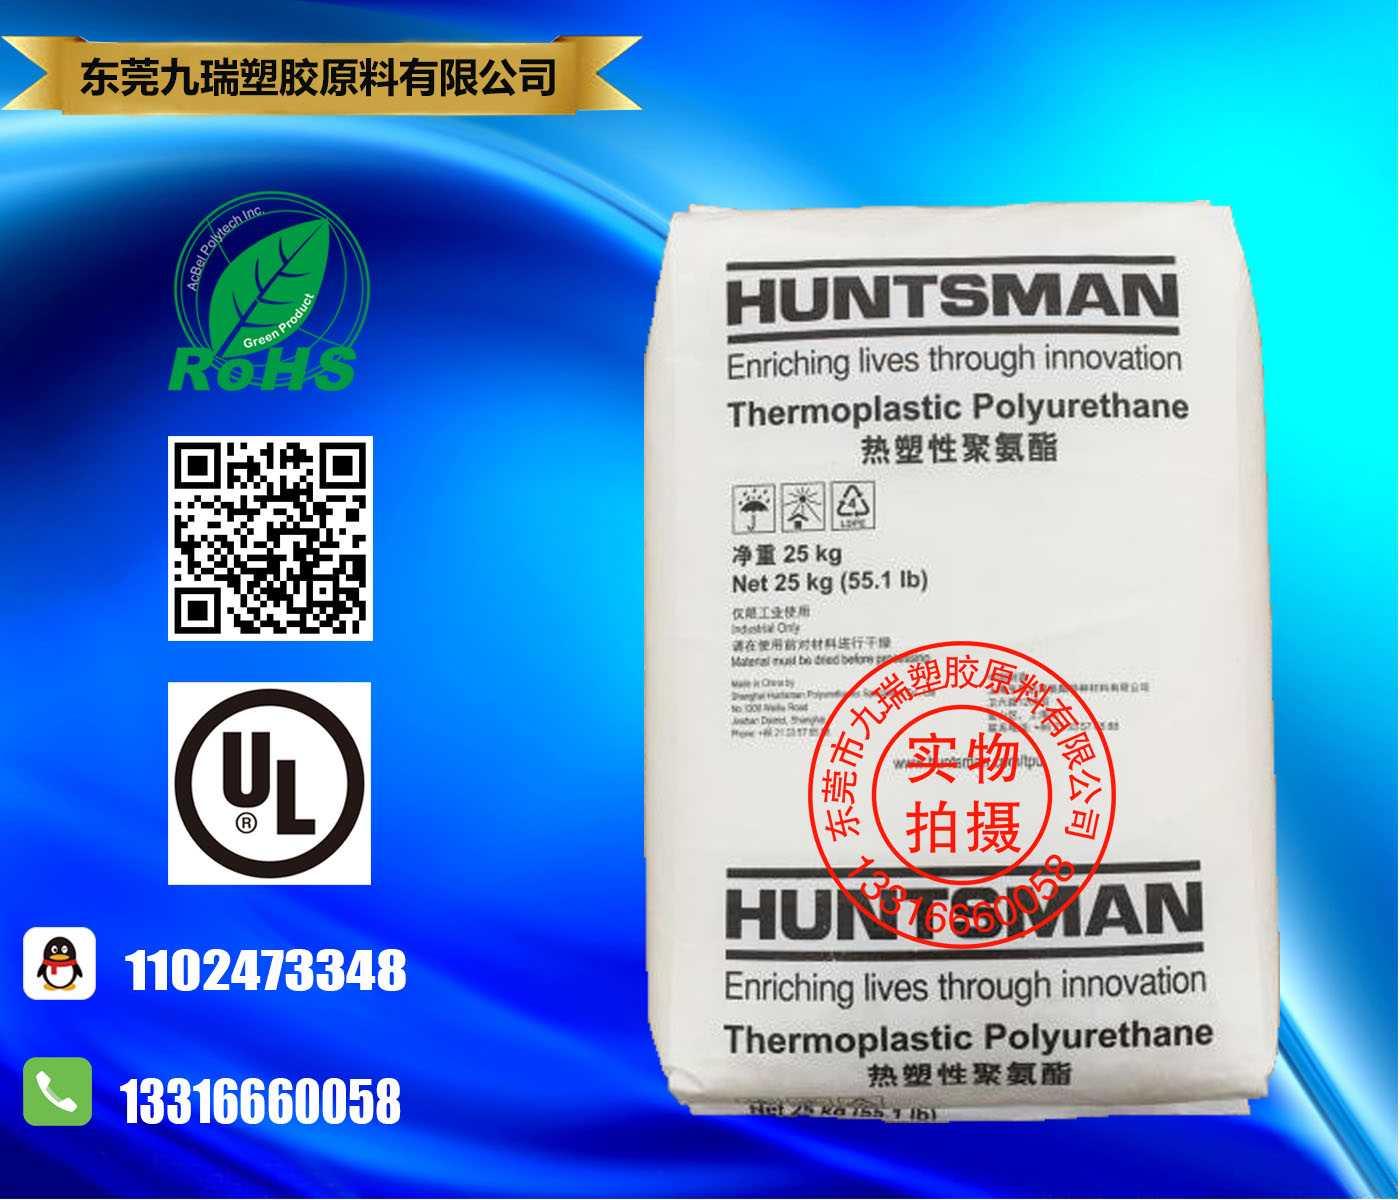 亨斯迈TPU A85P4394HR消防软管透气防水薄膜专用聚氨酯